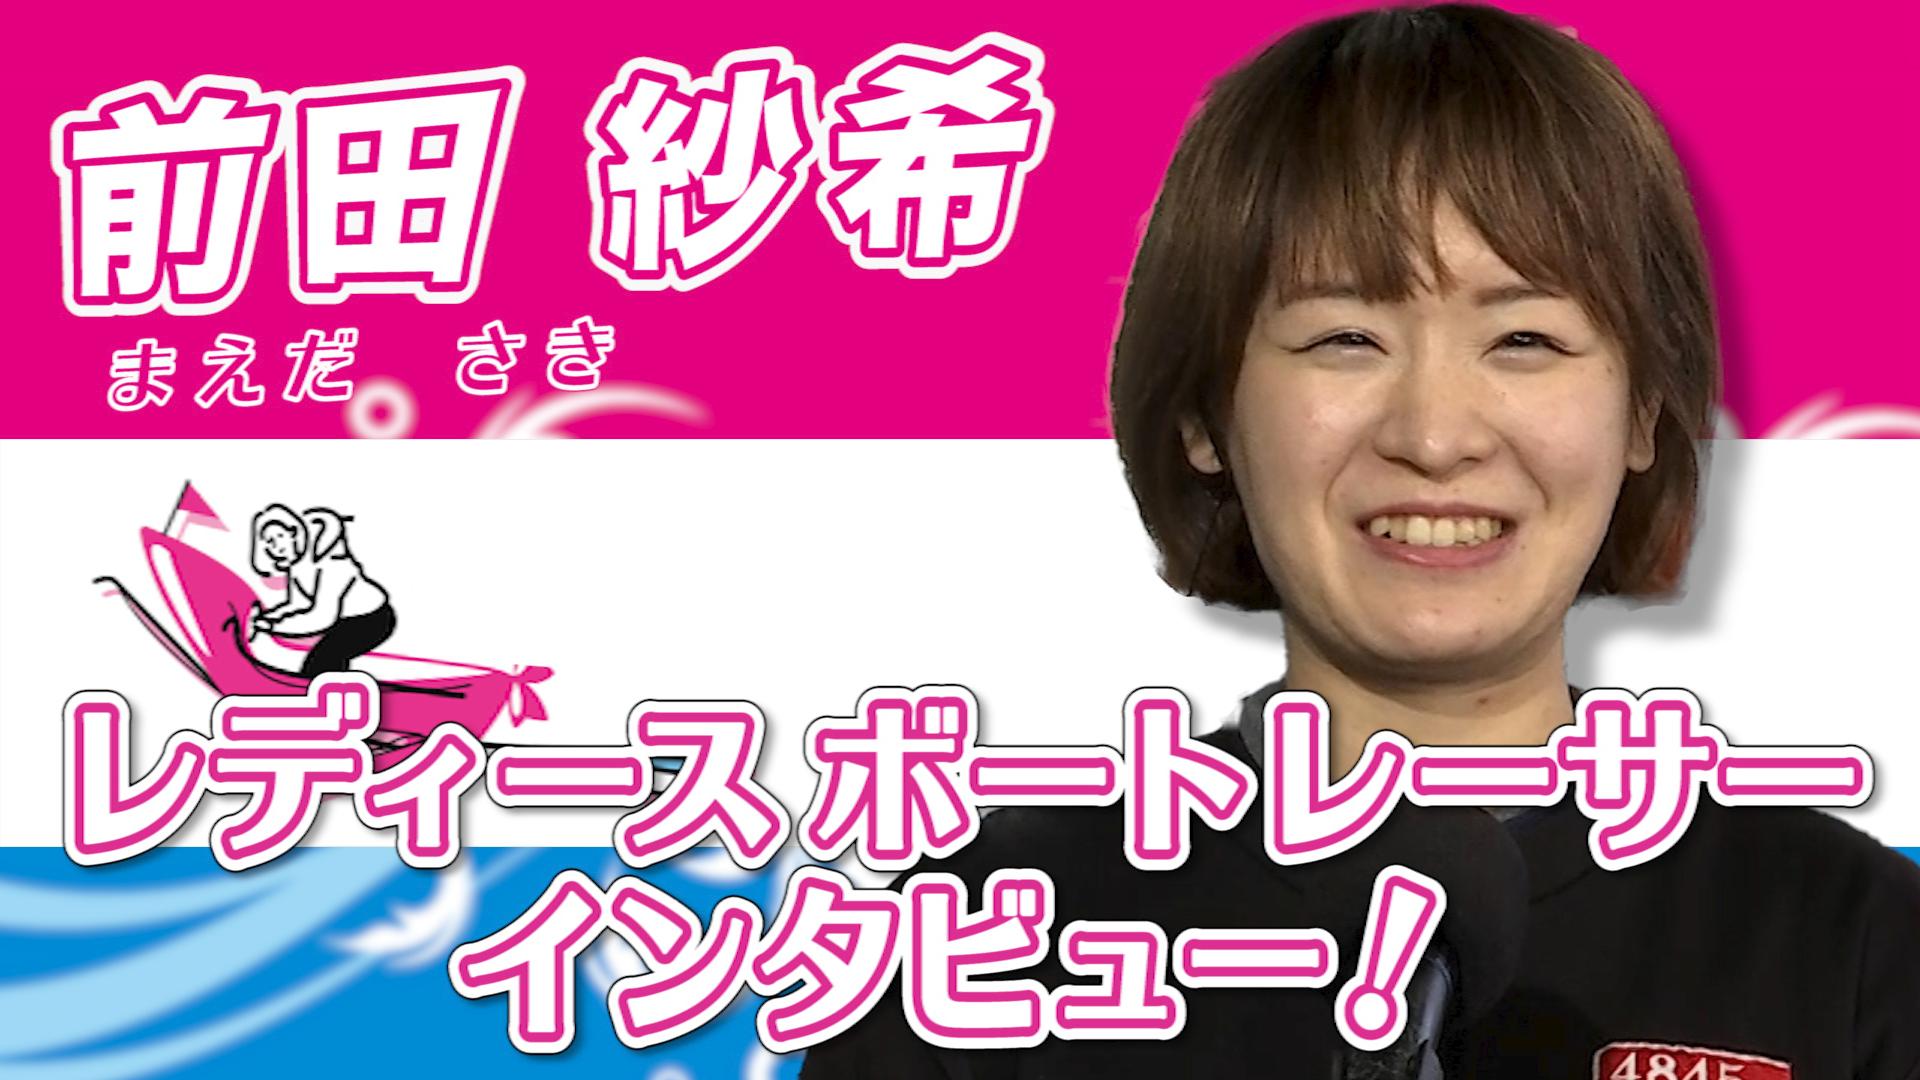 小さなころの夢はバレリーナだった前田紗希選手!挫折するところもあるが、ひとつひとつのレースを大事に走る!!|ボートレース